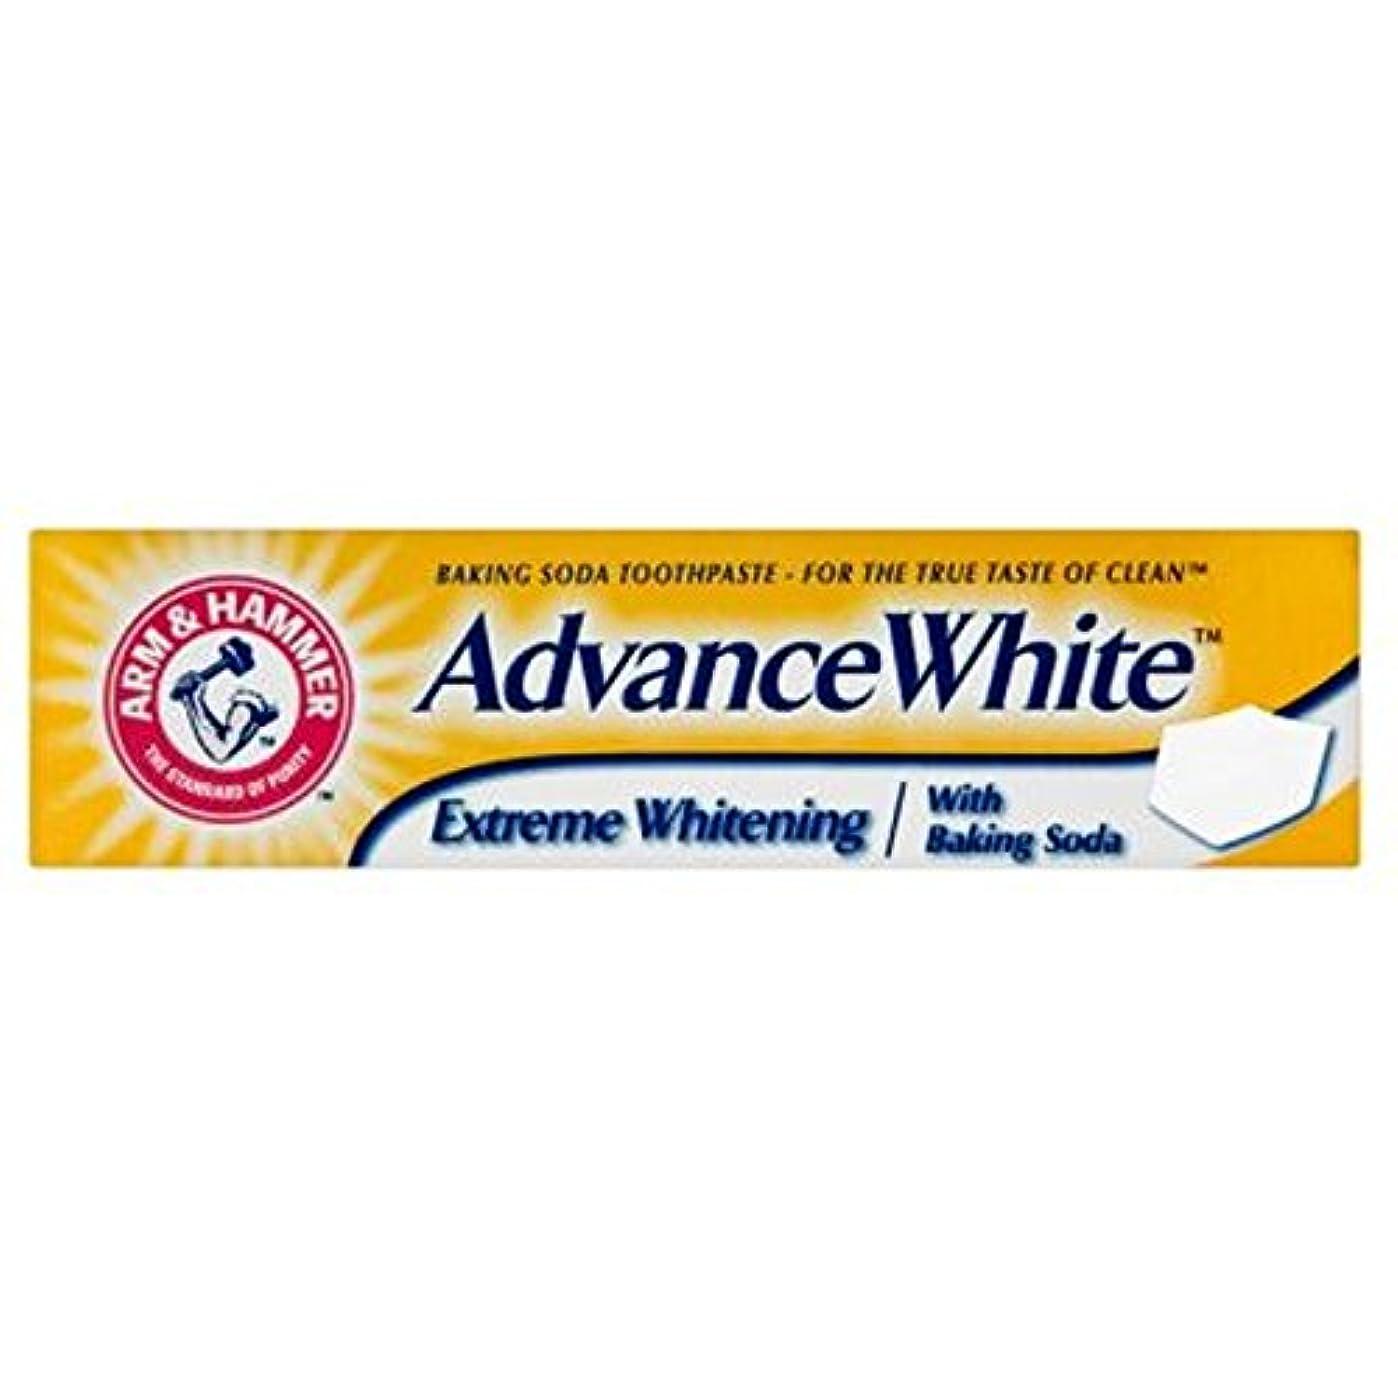 横たわる礼儀ベテラン重曹歯磨き粉75ミリリットルをホワイトニングアーム&ハンマー事前白極端 (Arm & Hammer) (x2) - Arm & Hammer Advance White Extreme Whitening Baking...